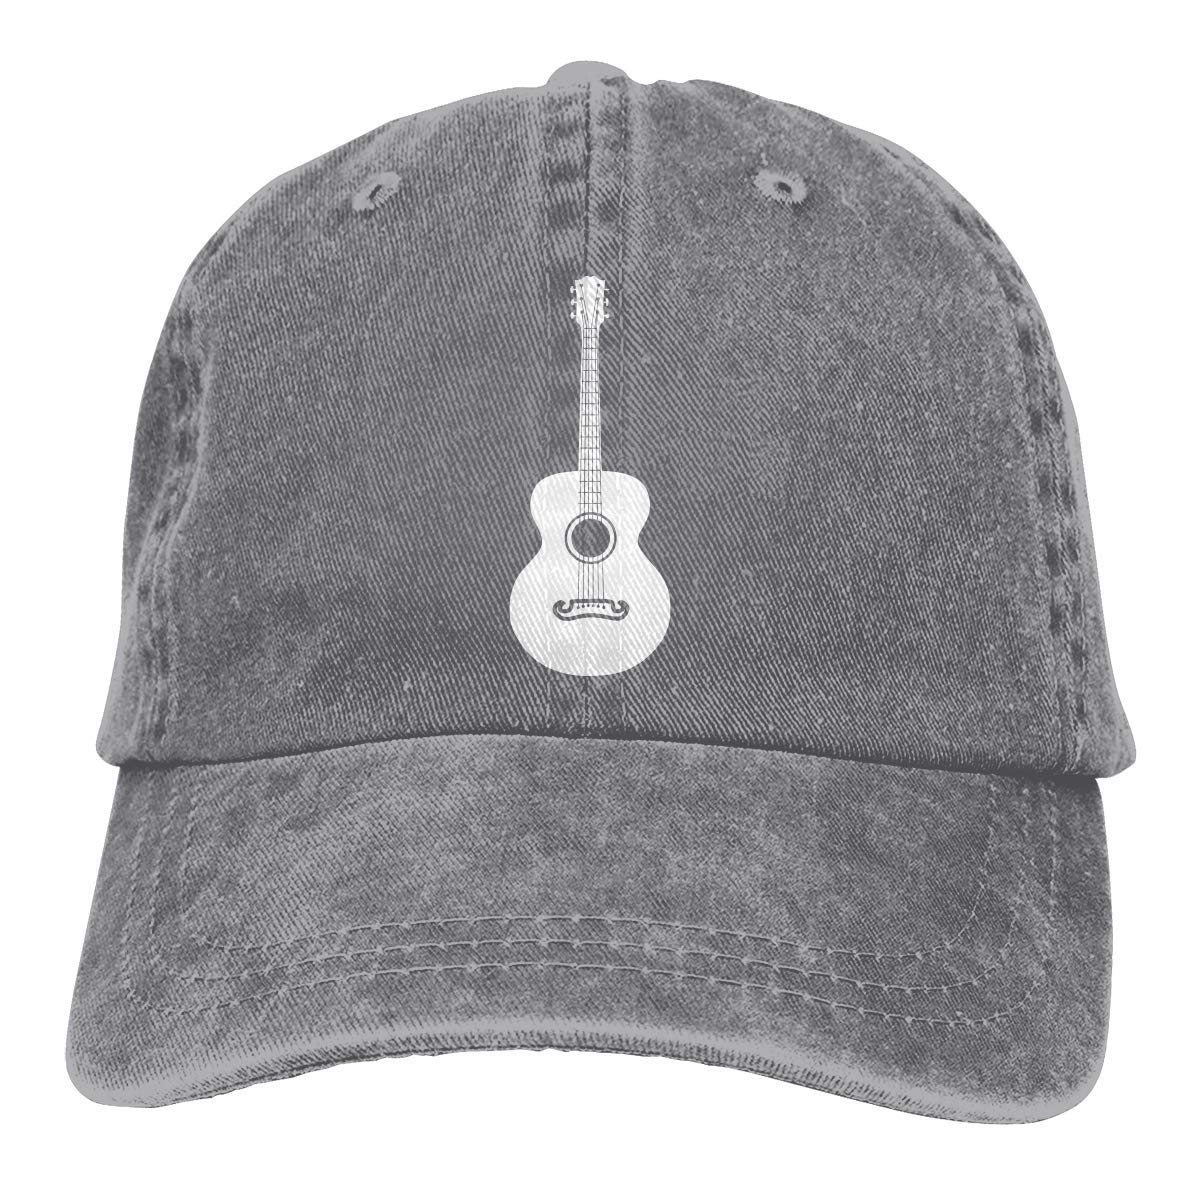 landu Guitare Acoustique pour Hommes//Femmes Denim Fabric Casquette de Baseball Chapeau de Papa Ajustable Taille Unique Impression de Conception Adulte